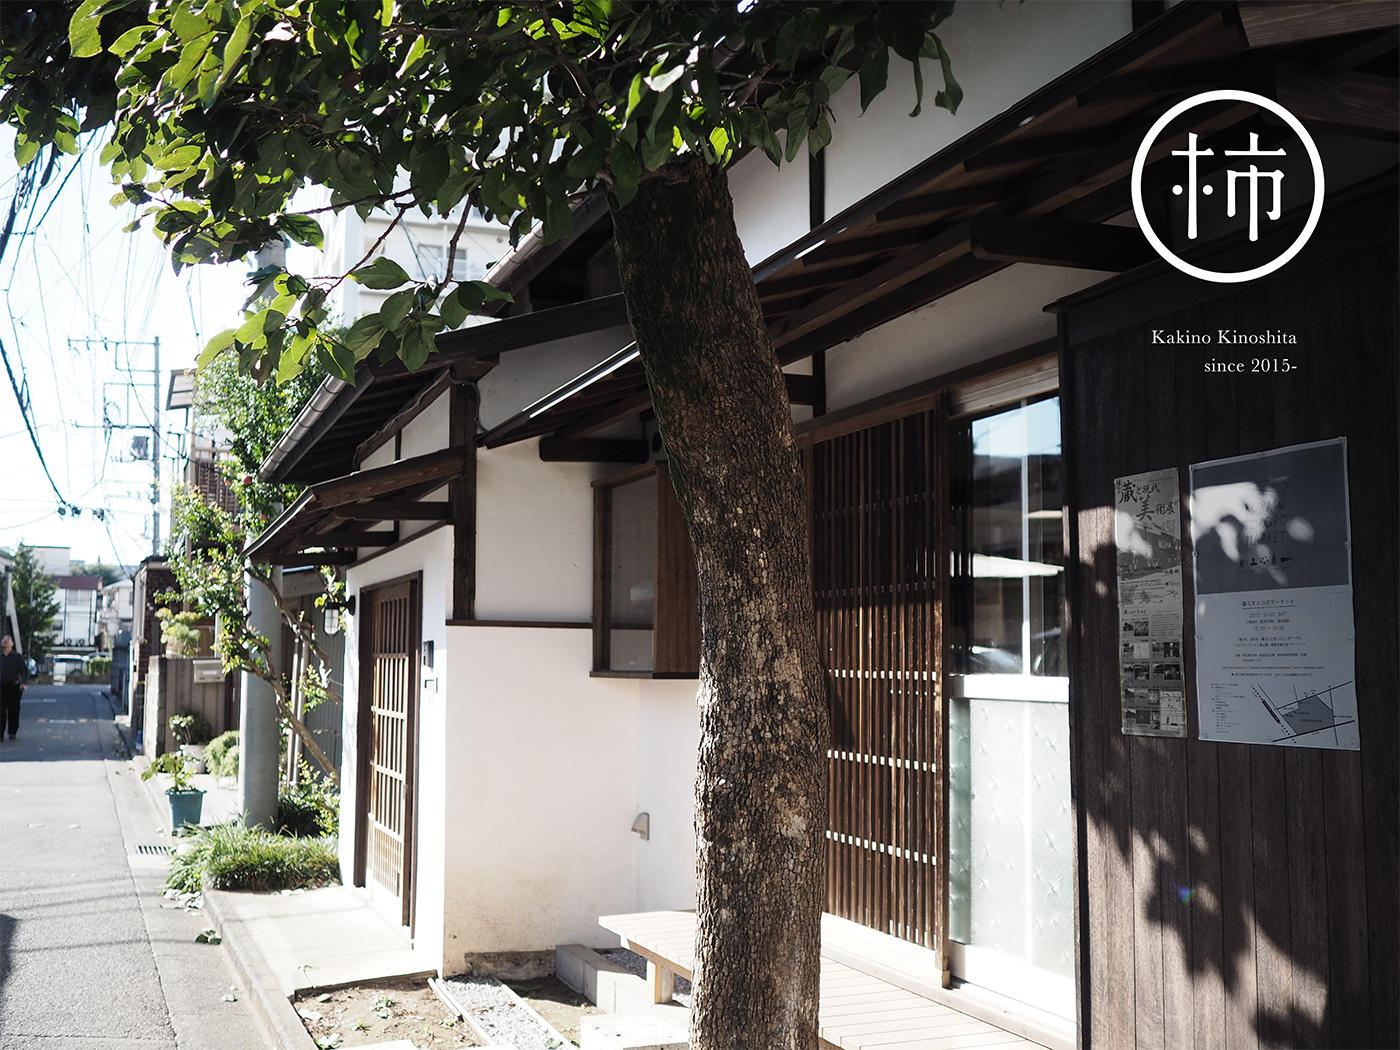 Kakino-Kinoshita/VI 设计 欣赏-第31张